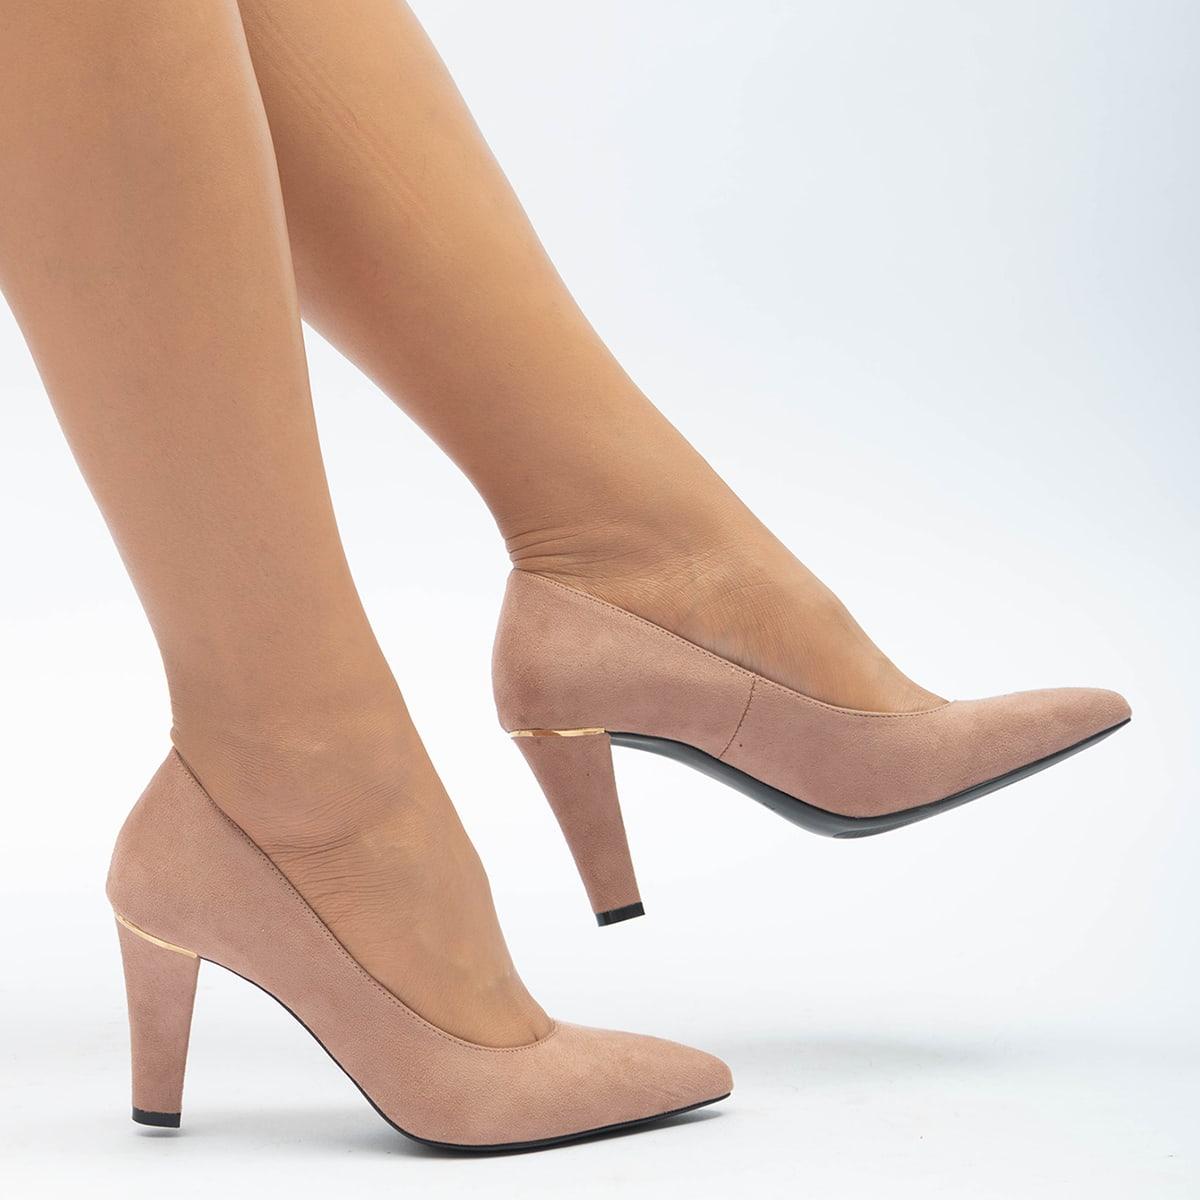 Замшевые туфли-лодочки на высоком каблуке от SHEIN